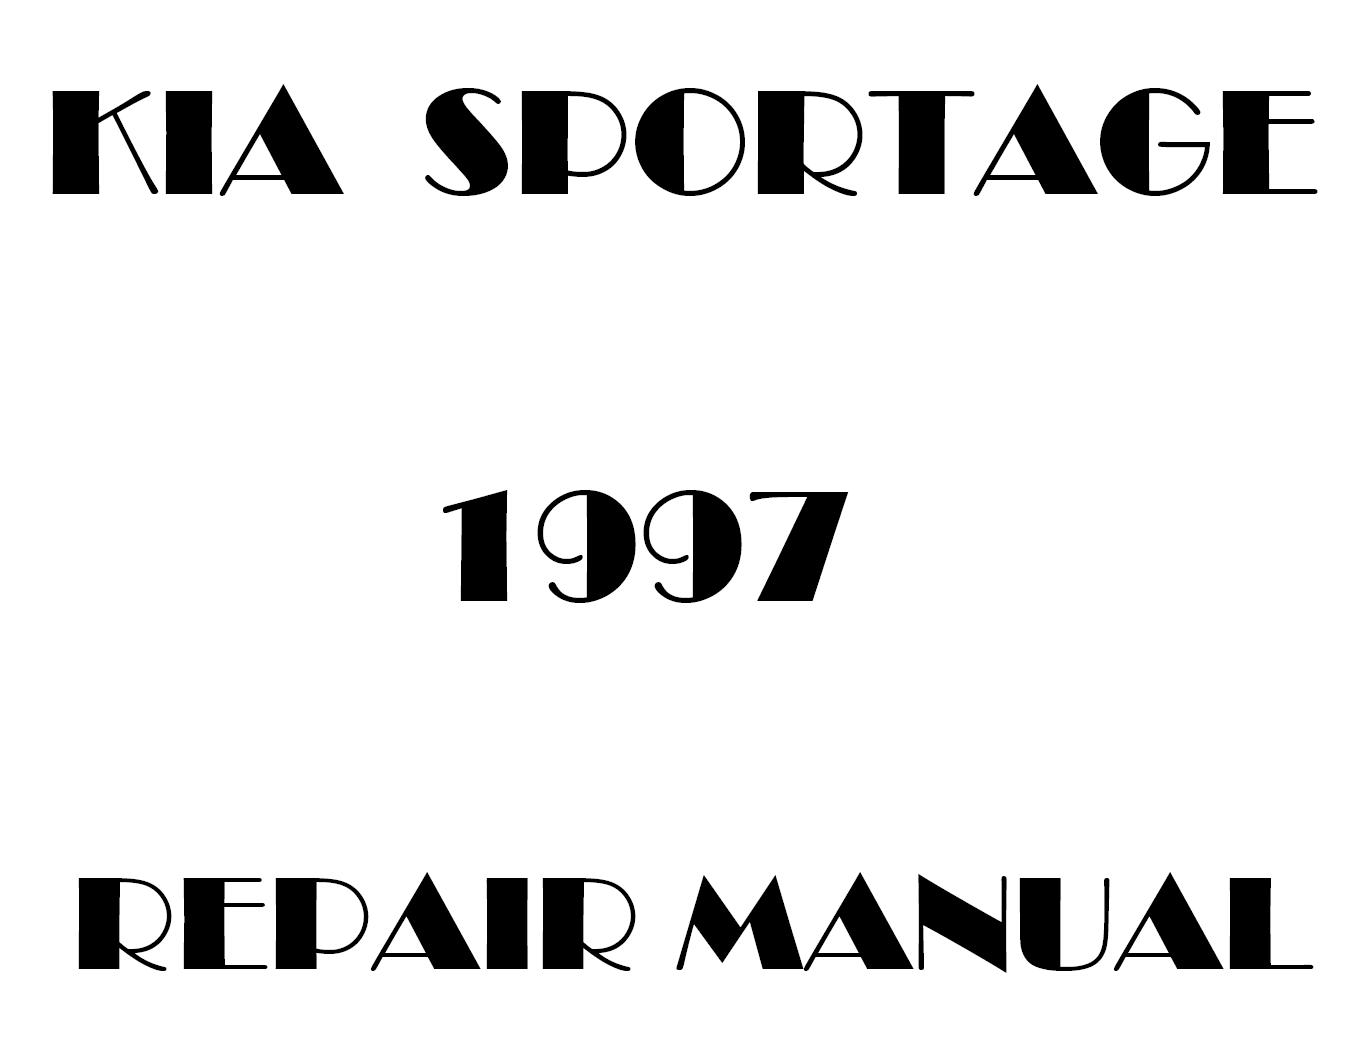 1997 Kia Sportage repair manual